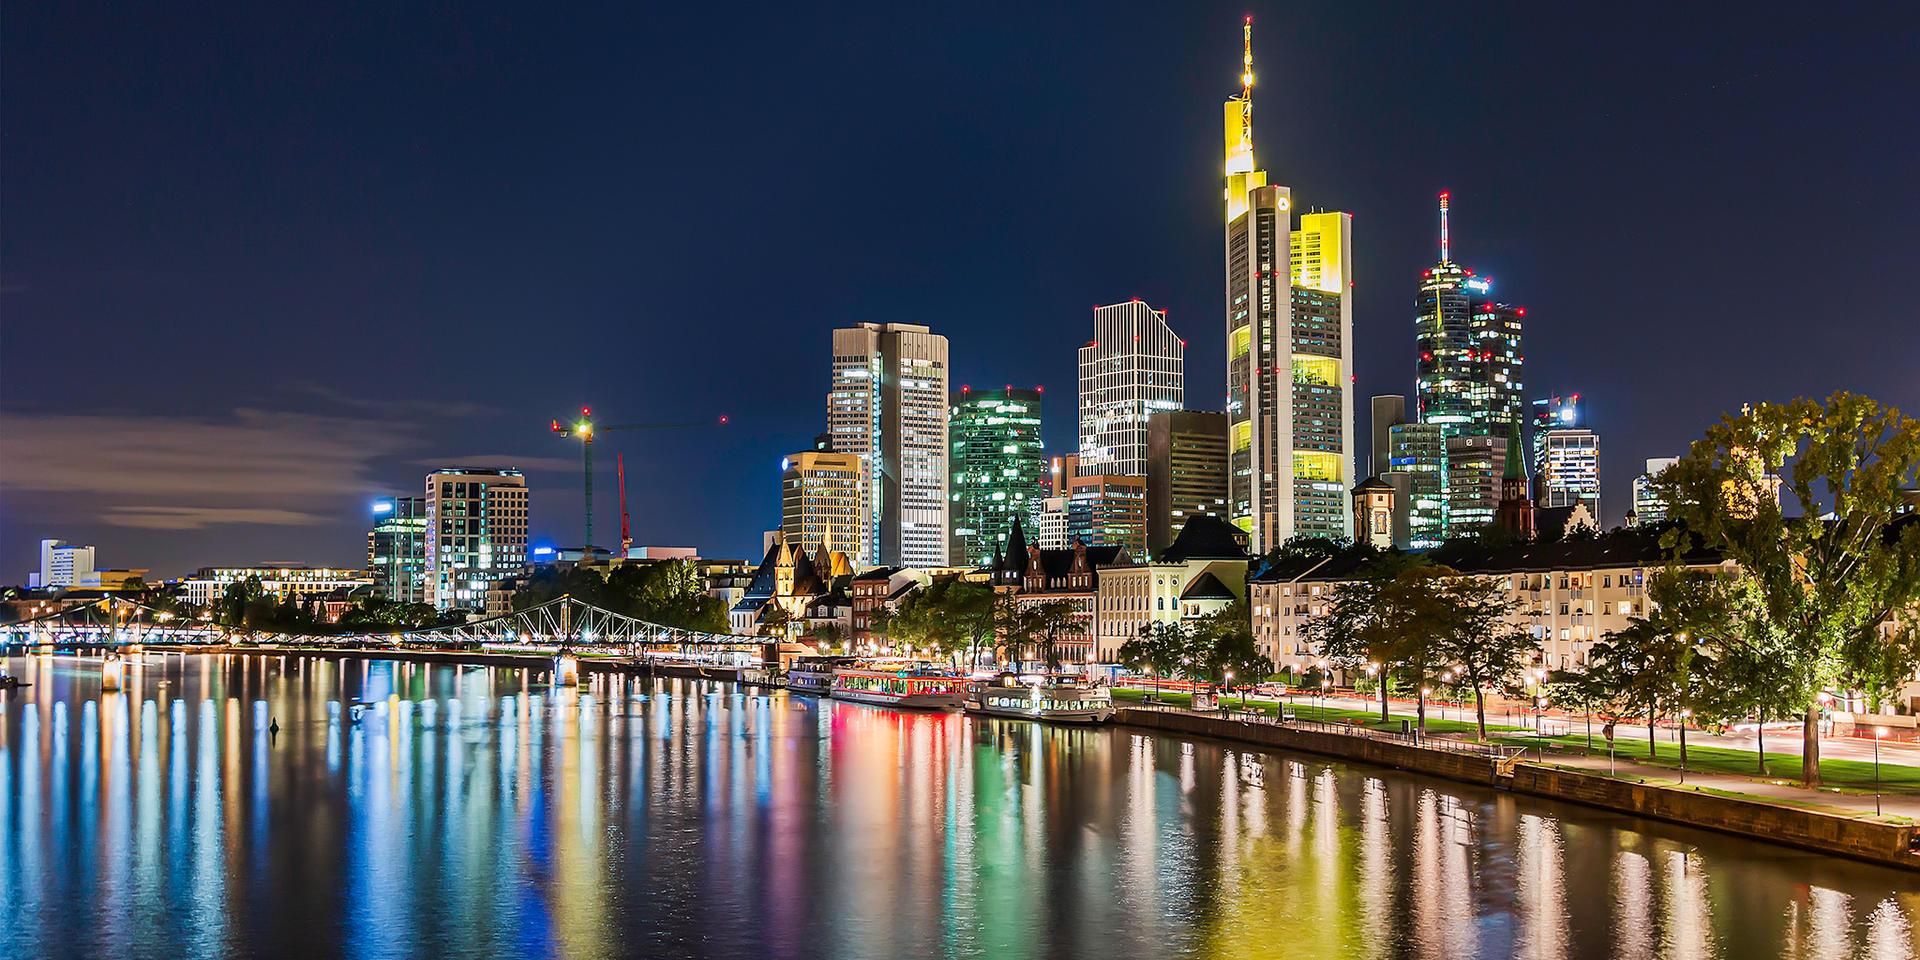 03 Frankfurt Financial District